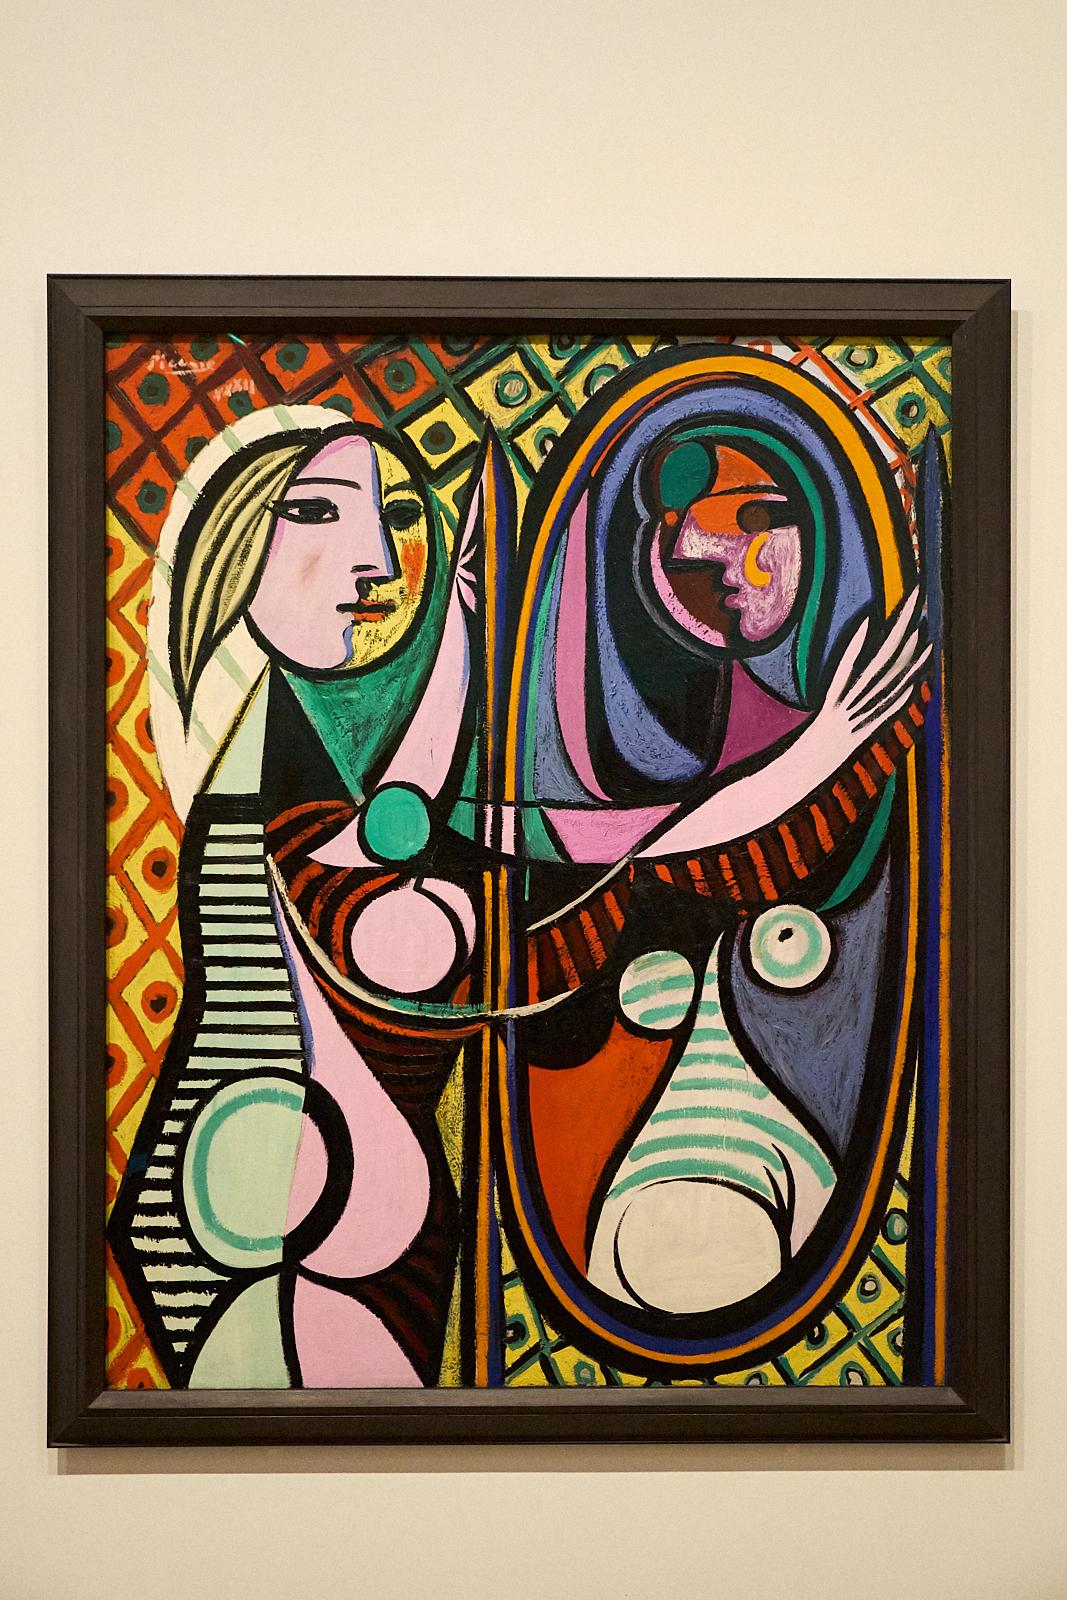 Pablo Picasso — Jeune fille devant un miroir , 1932